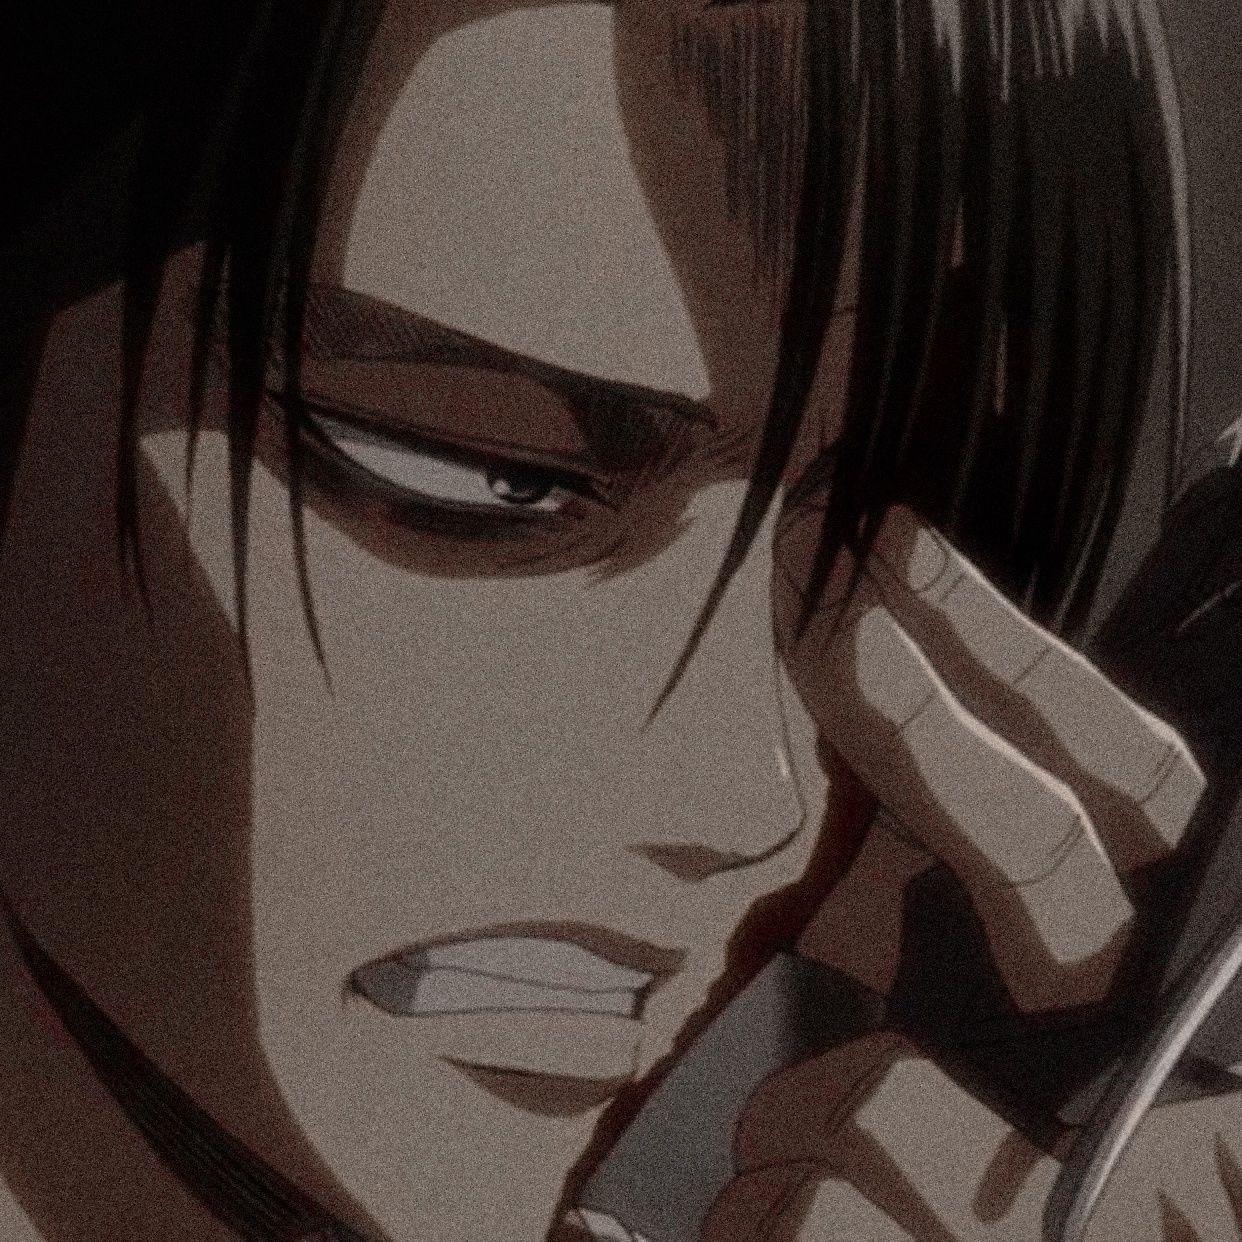 Levi Ackerman Icons Tumblr Personagens De Anime Anime Sasuke Titas Anime